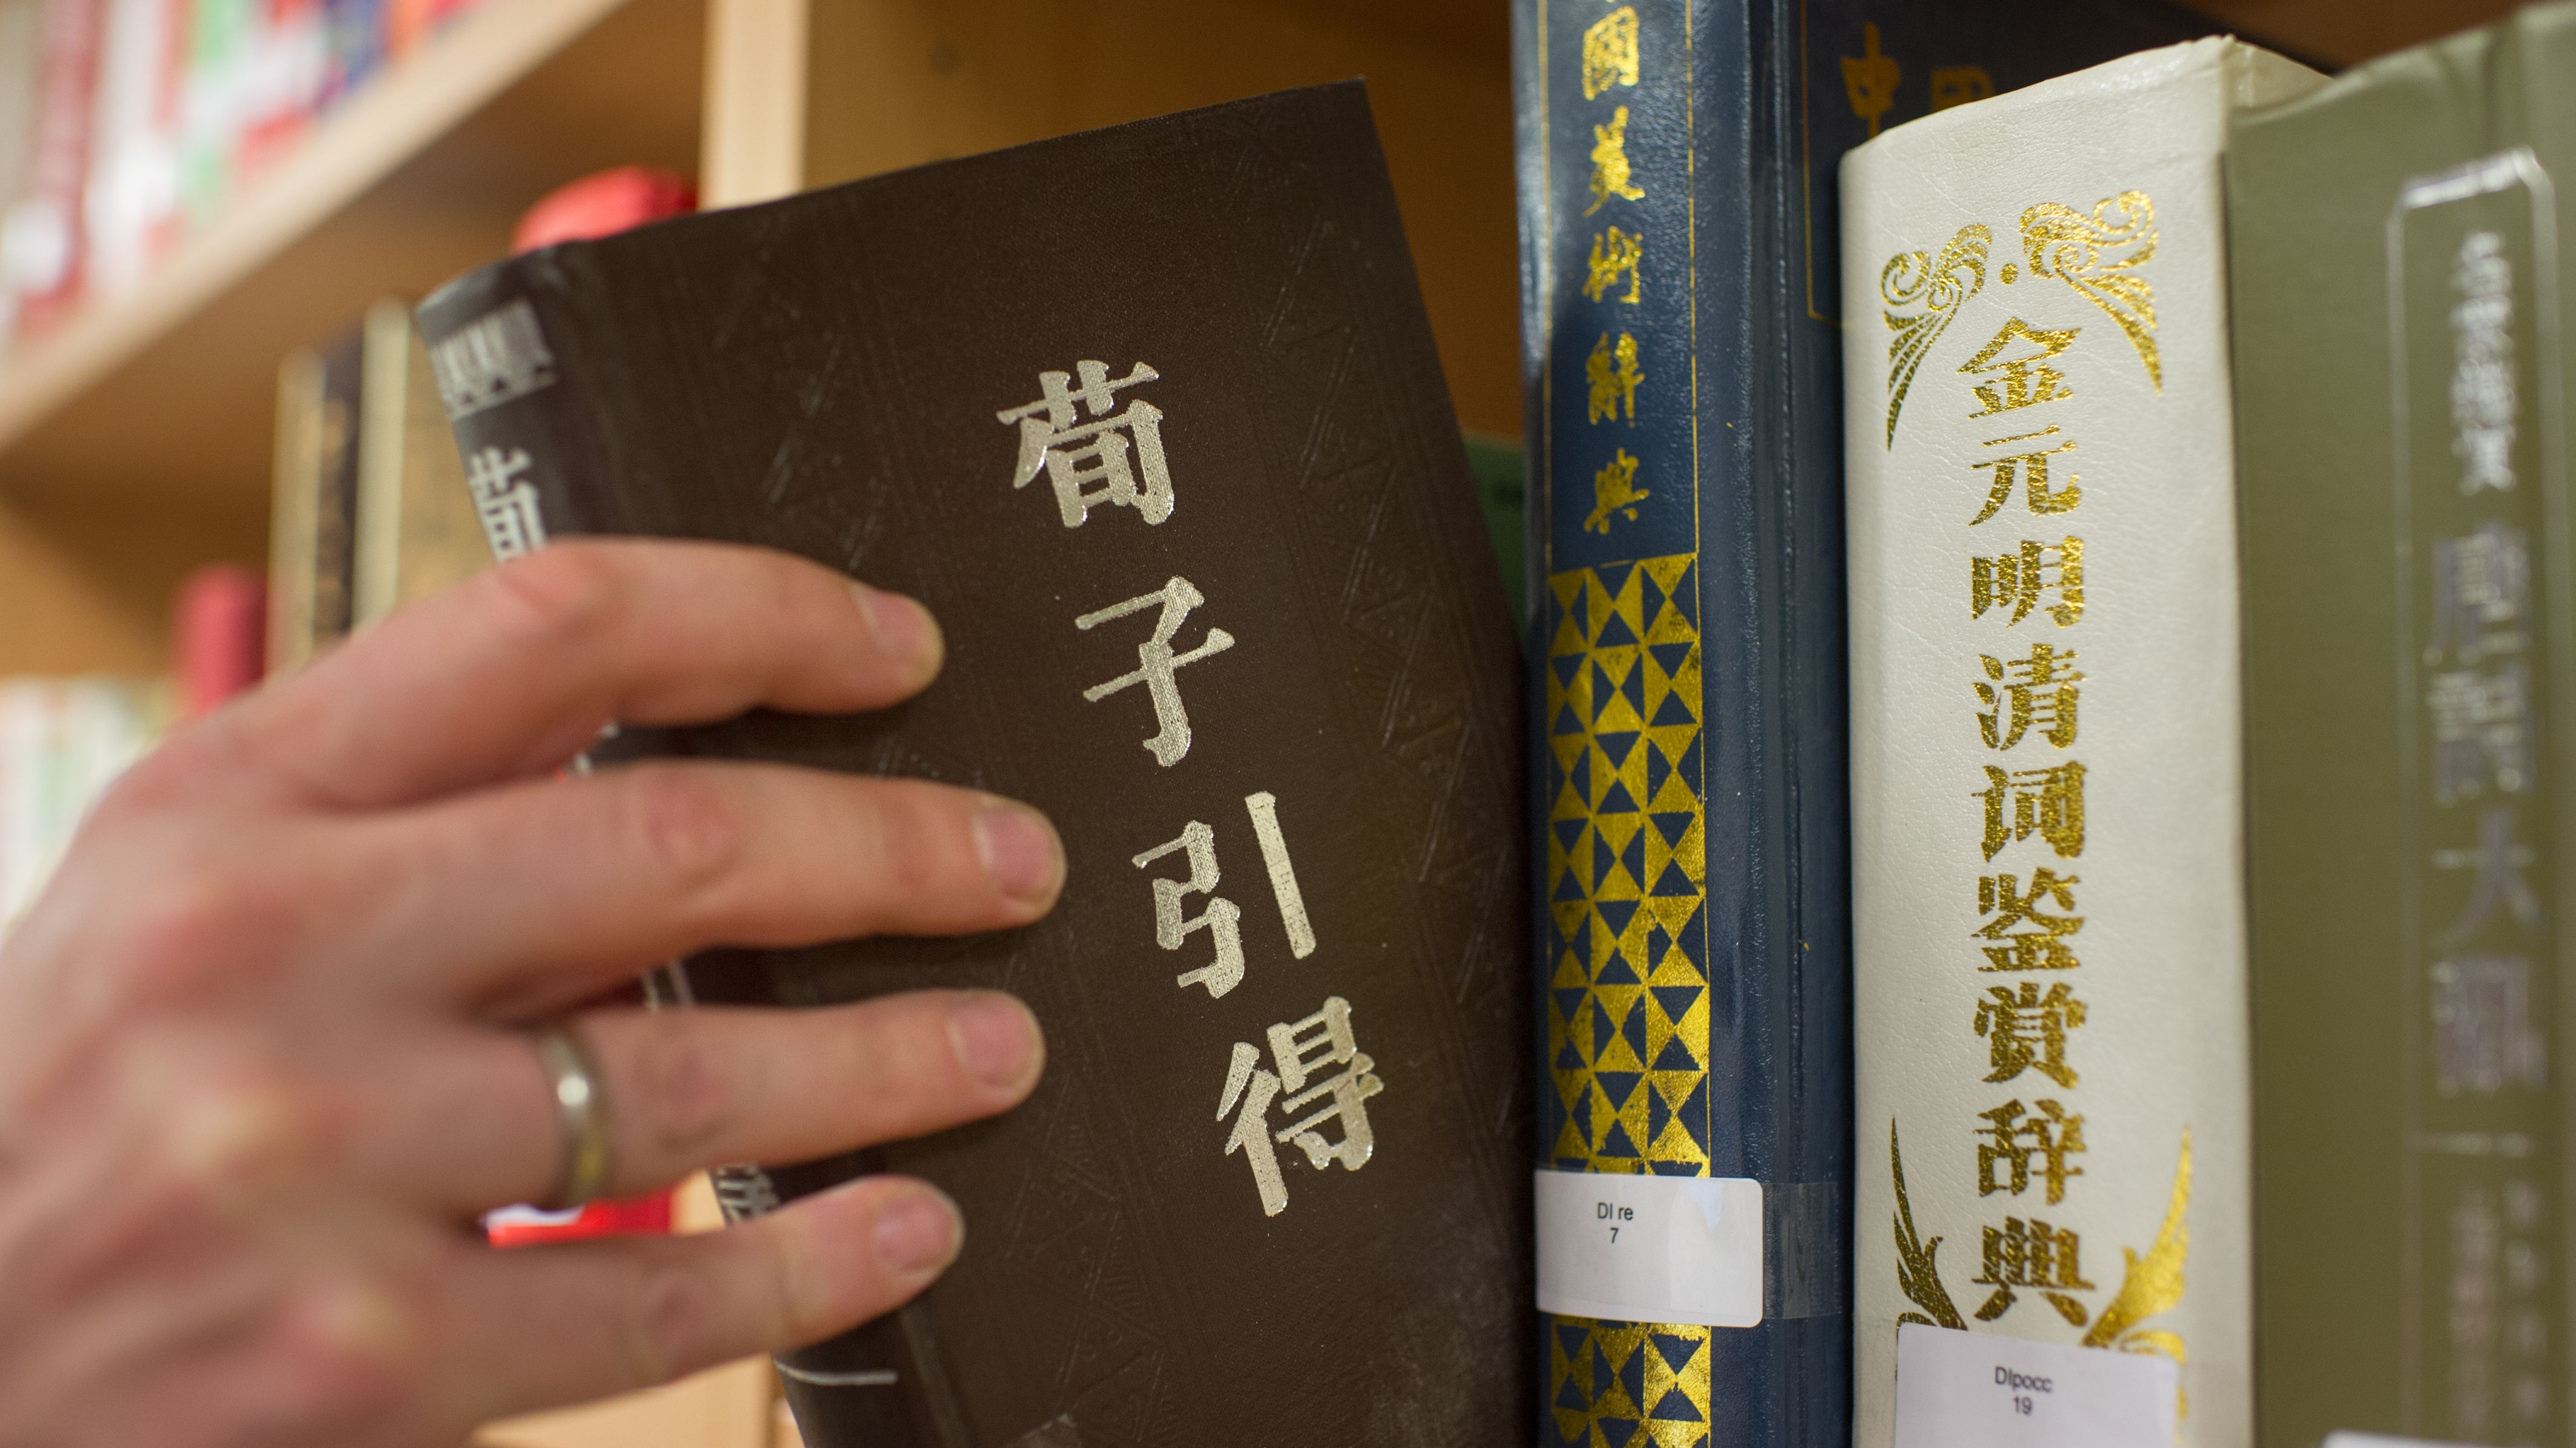 Ein Mann zieht in der Bibliothek eines Konfuzius-Instituts ein Buch aus dem Regal.